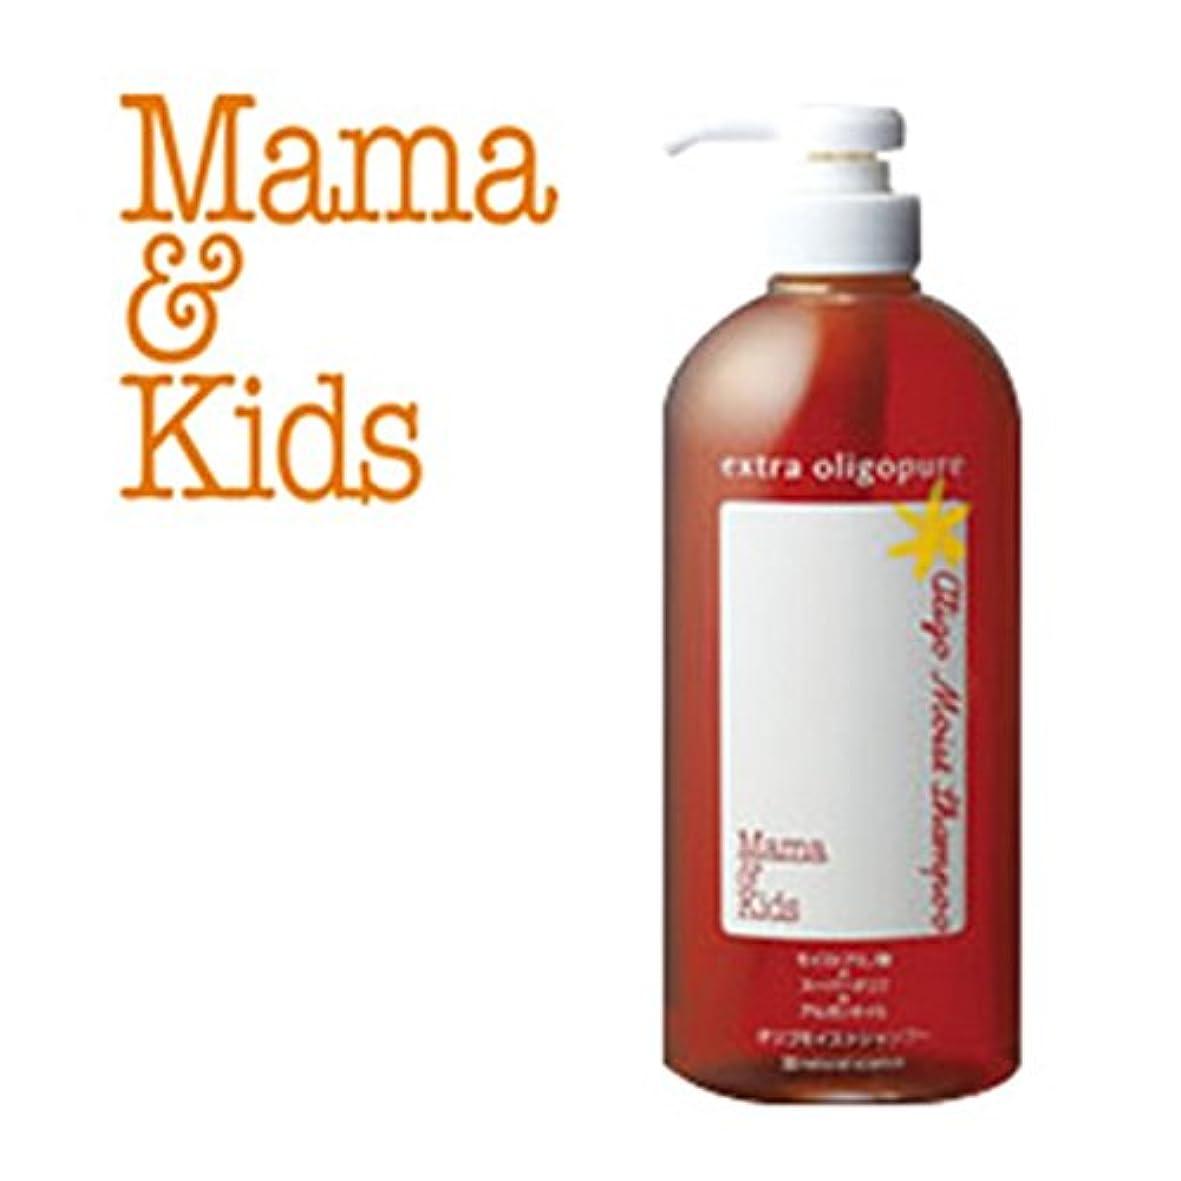 グラディス問い合わせるガラガラママ&キッズ オリゴモイストシャンプー720ML/Mama&Kids Oligo Moist Shampoo/洗发水